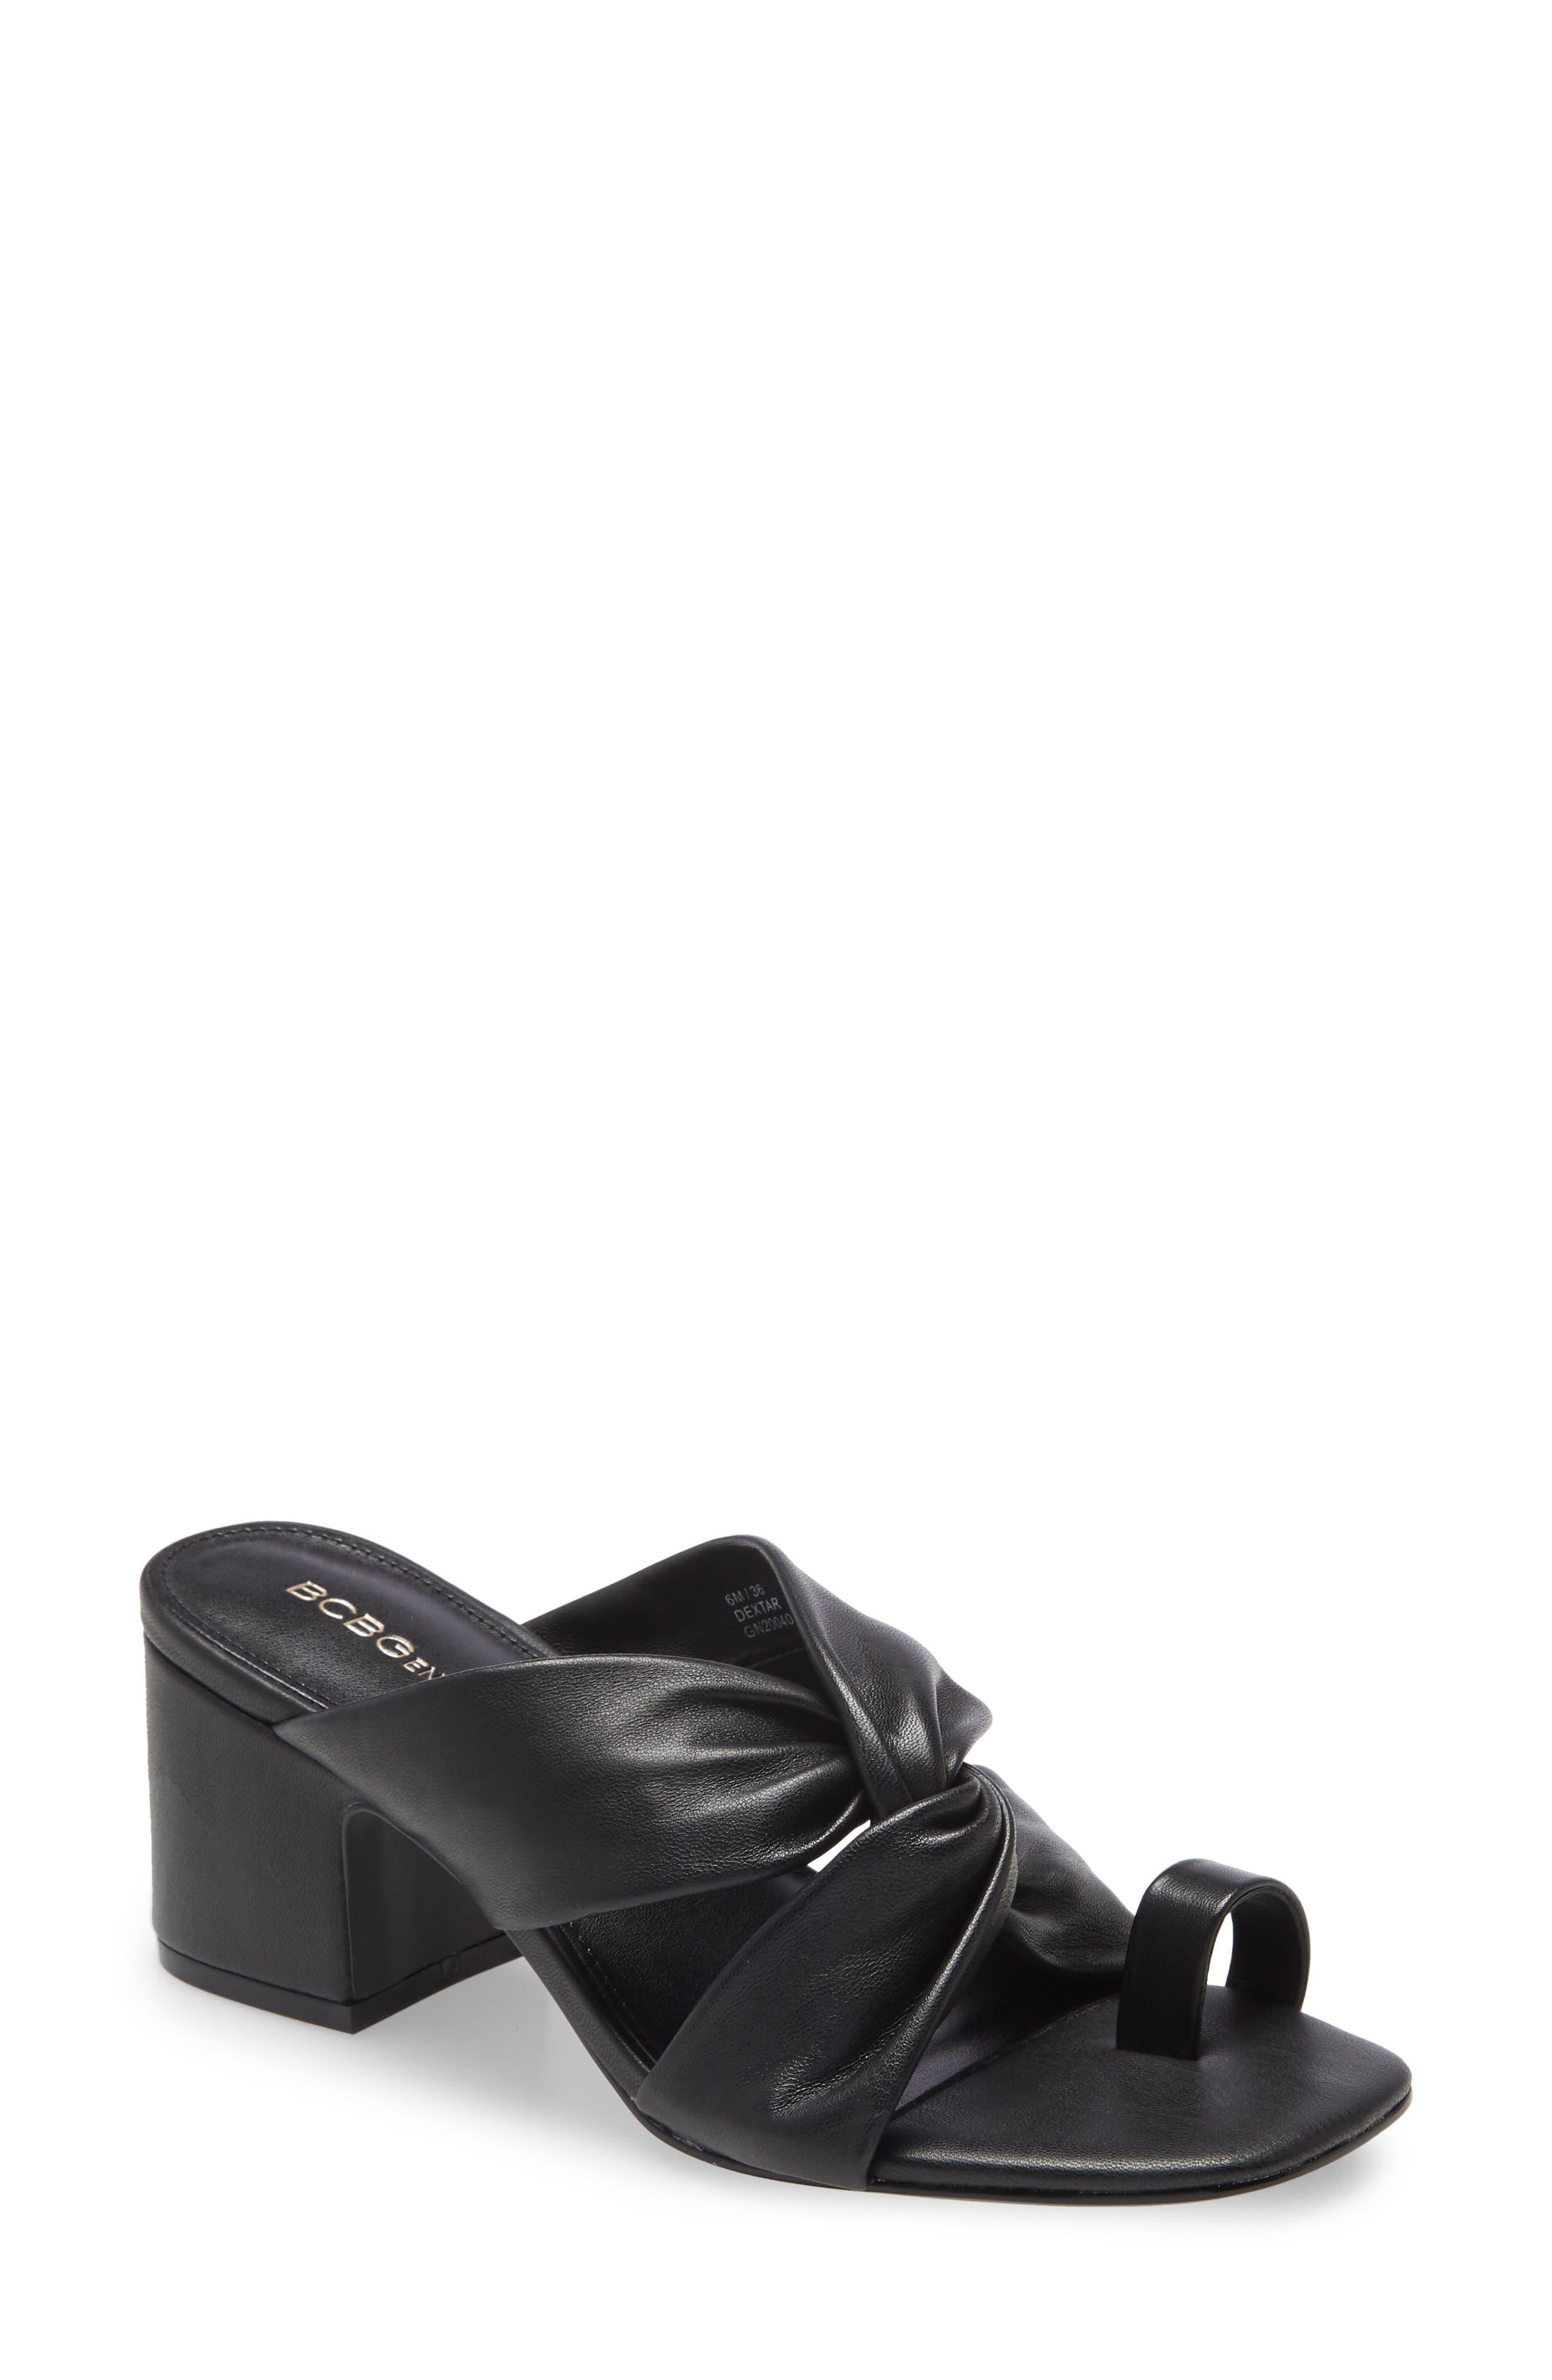 Dextar Slide Sandal